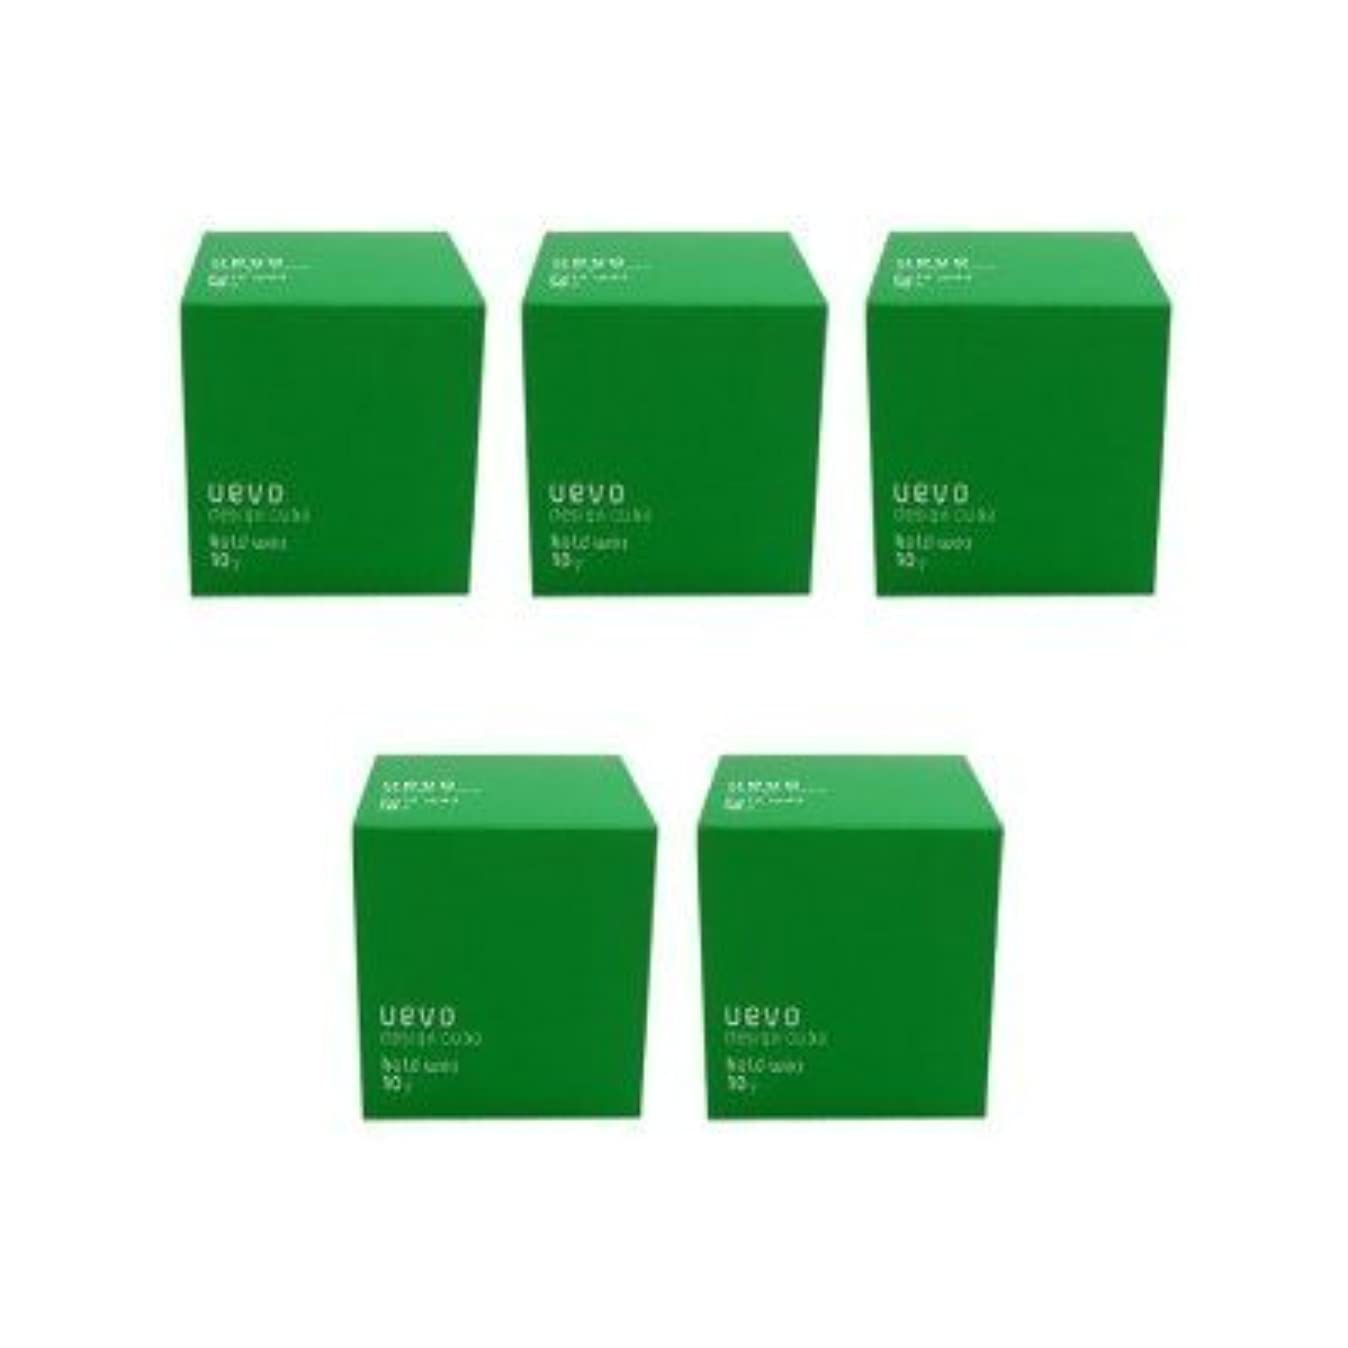 真実に政治家寺院【X5個セット】 デミ ウェーボ デザインキューブ ホールドワックス 80g hold wax DEMI uevo design cube